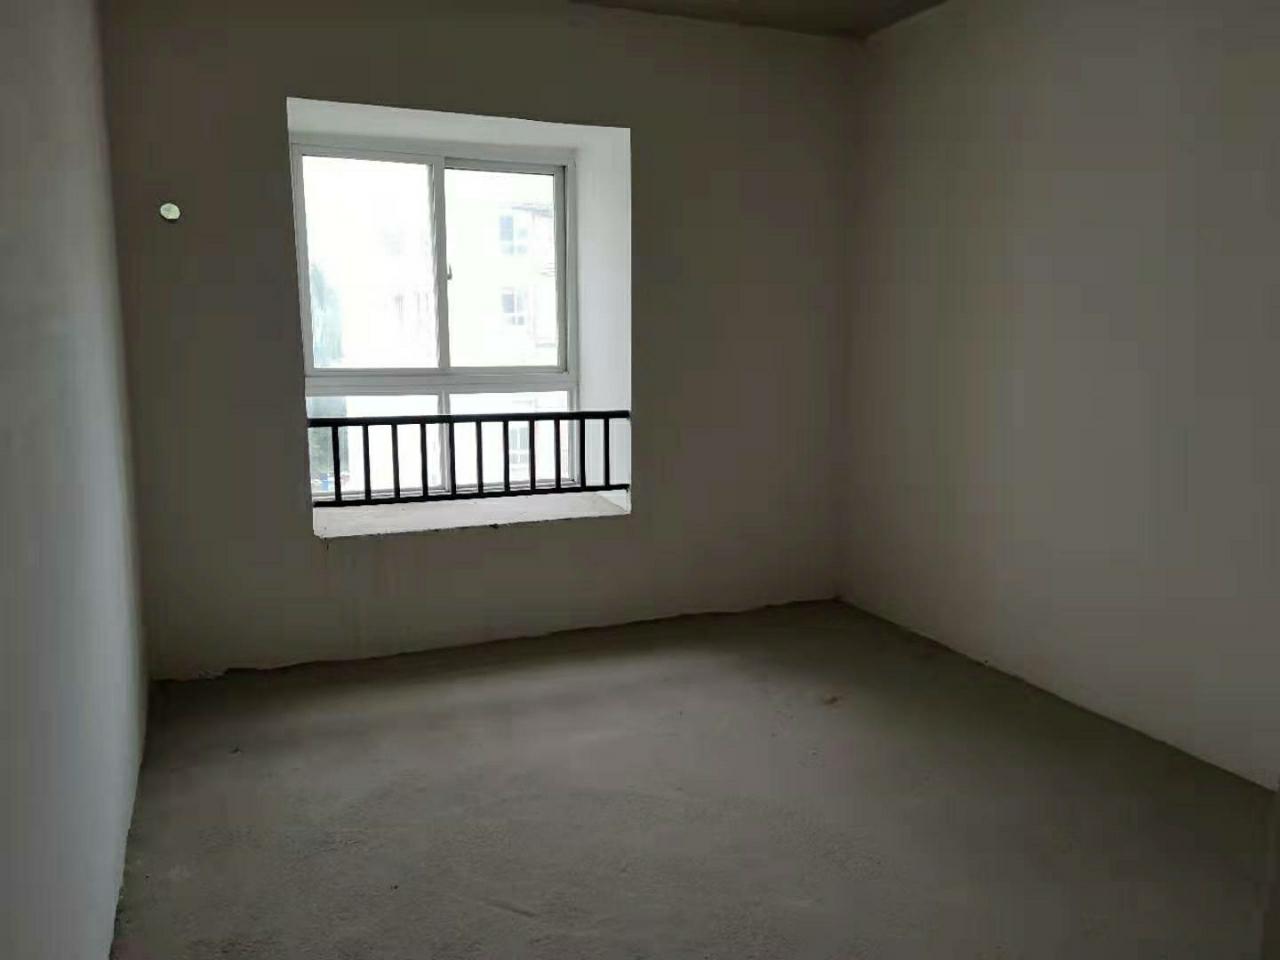 沸城时代4室2厅2卫41.8万元